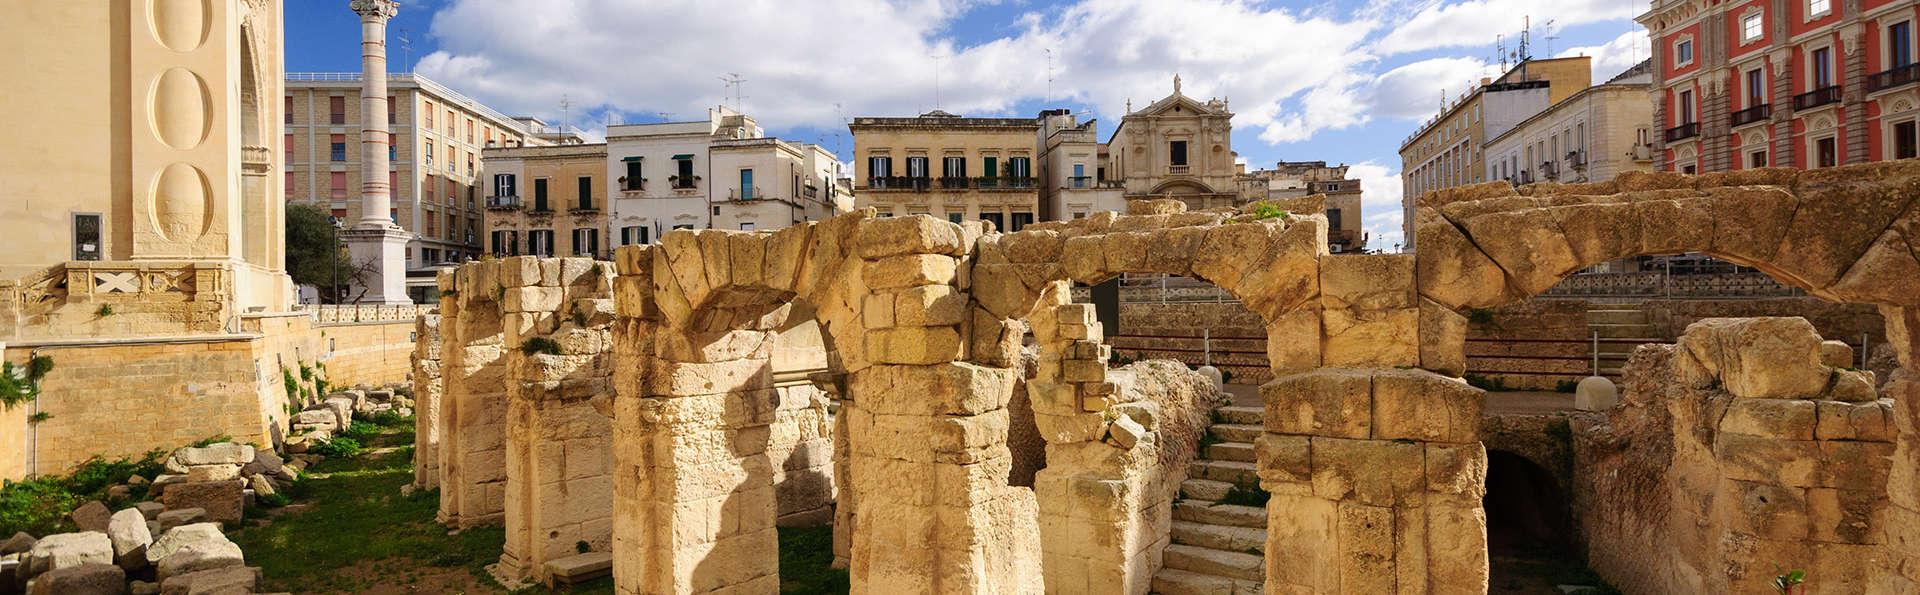 8Piu Hotel - Edit_Lecce2.jpg